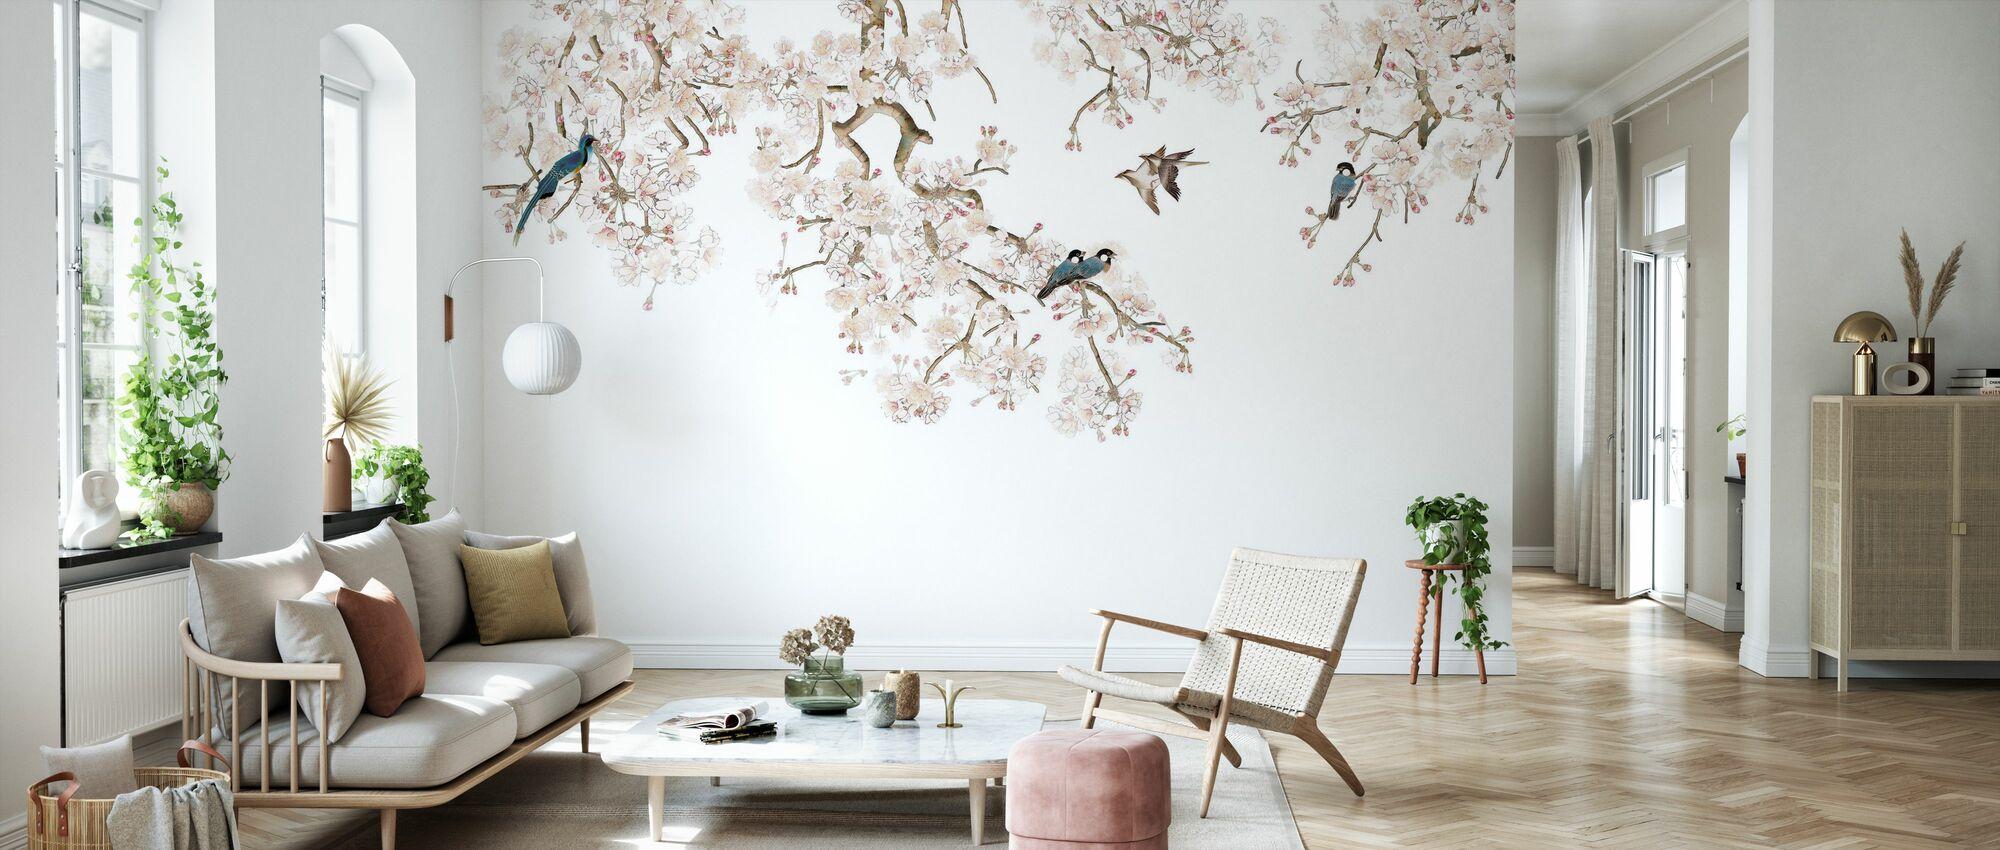 Vogel-Hangout - Tapete - Wohnzimmer